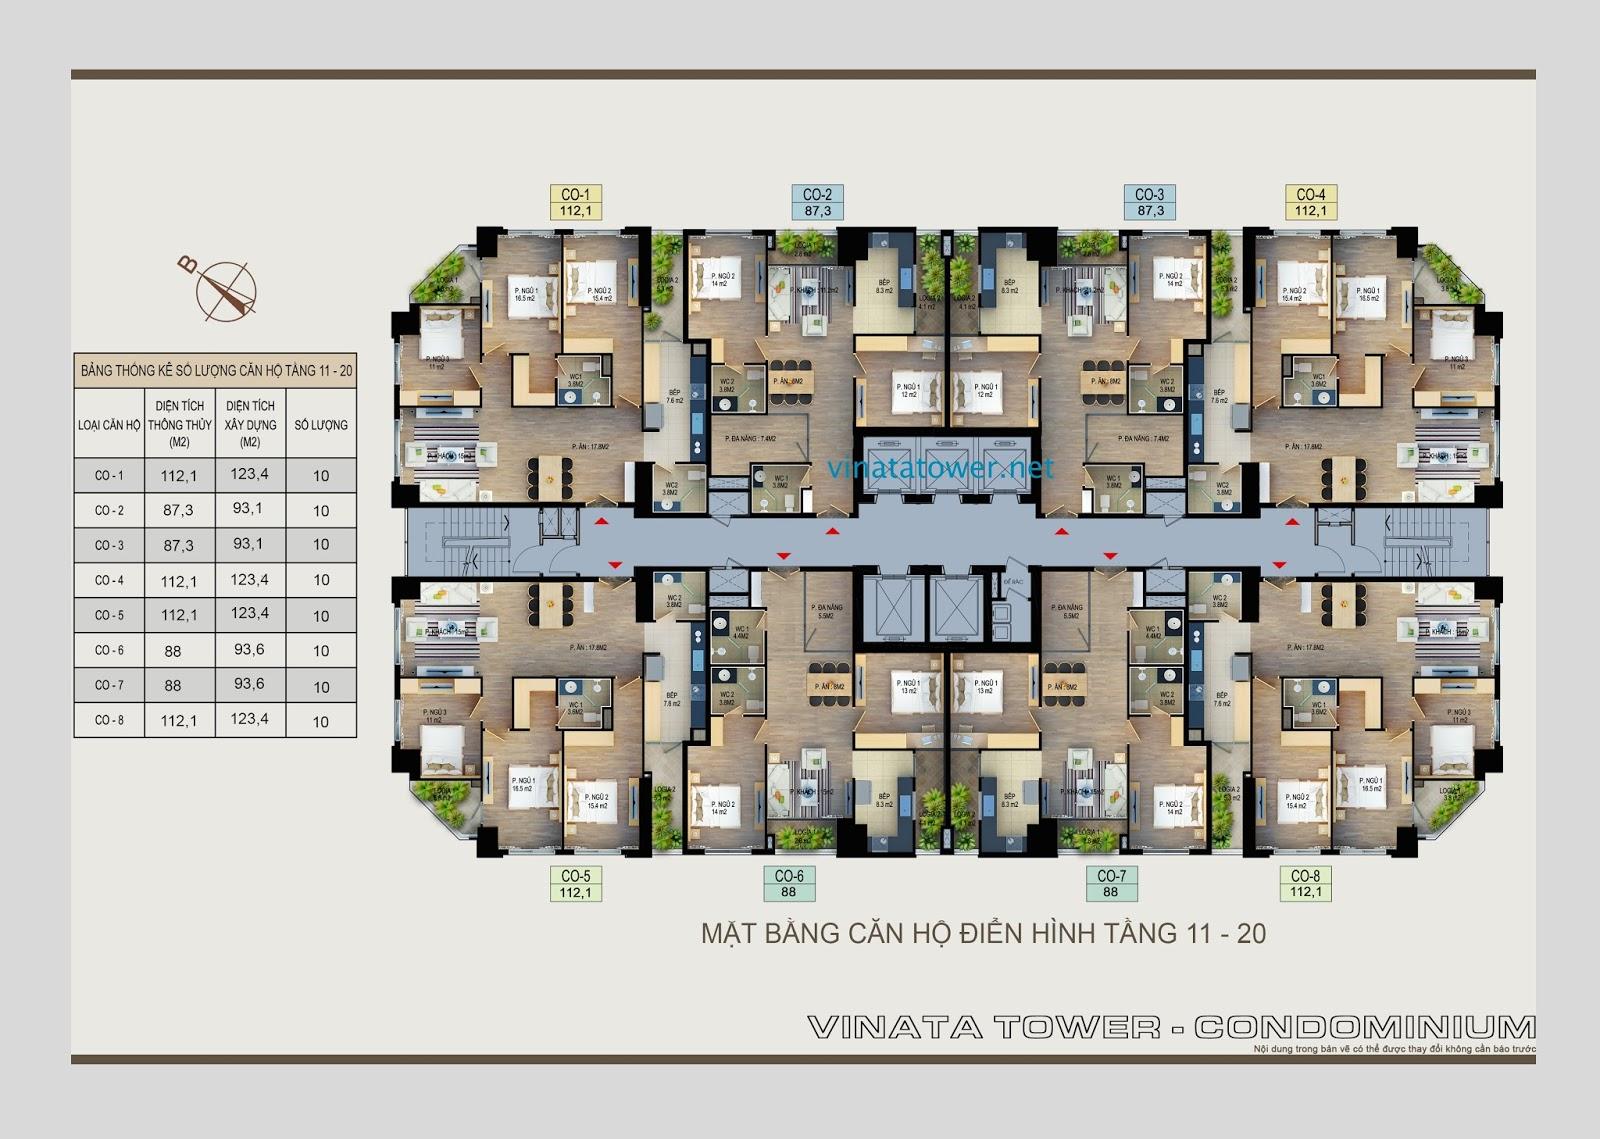 Mặt bằng căn hộ tầng 11-20 Vinata Towers